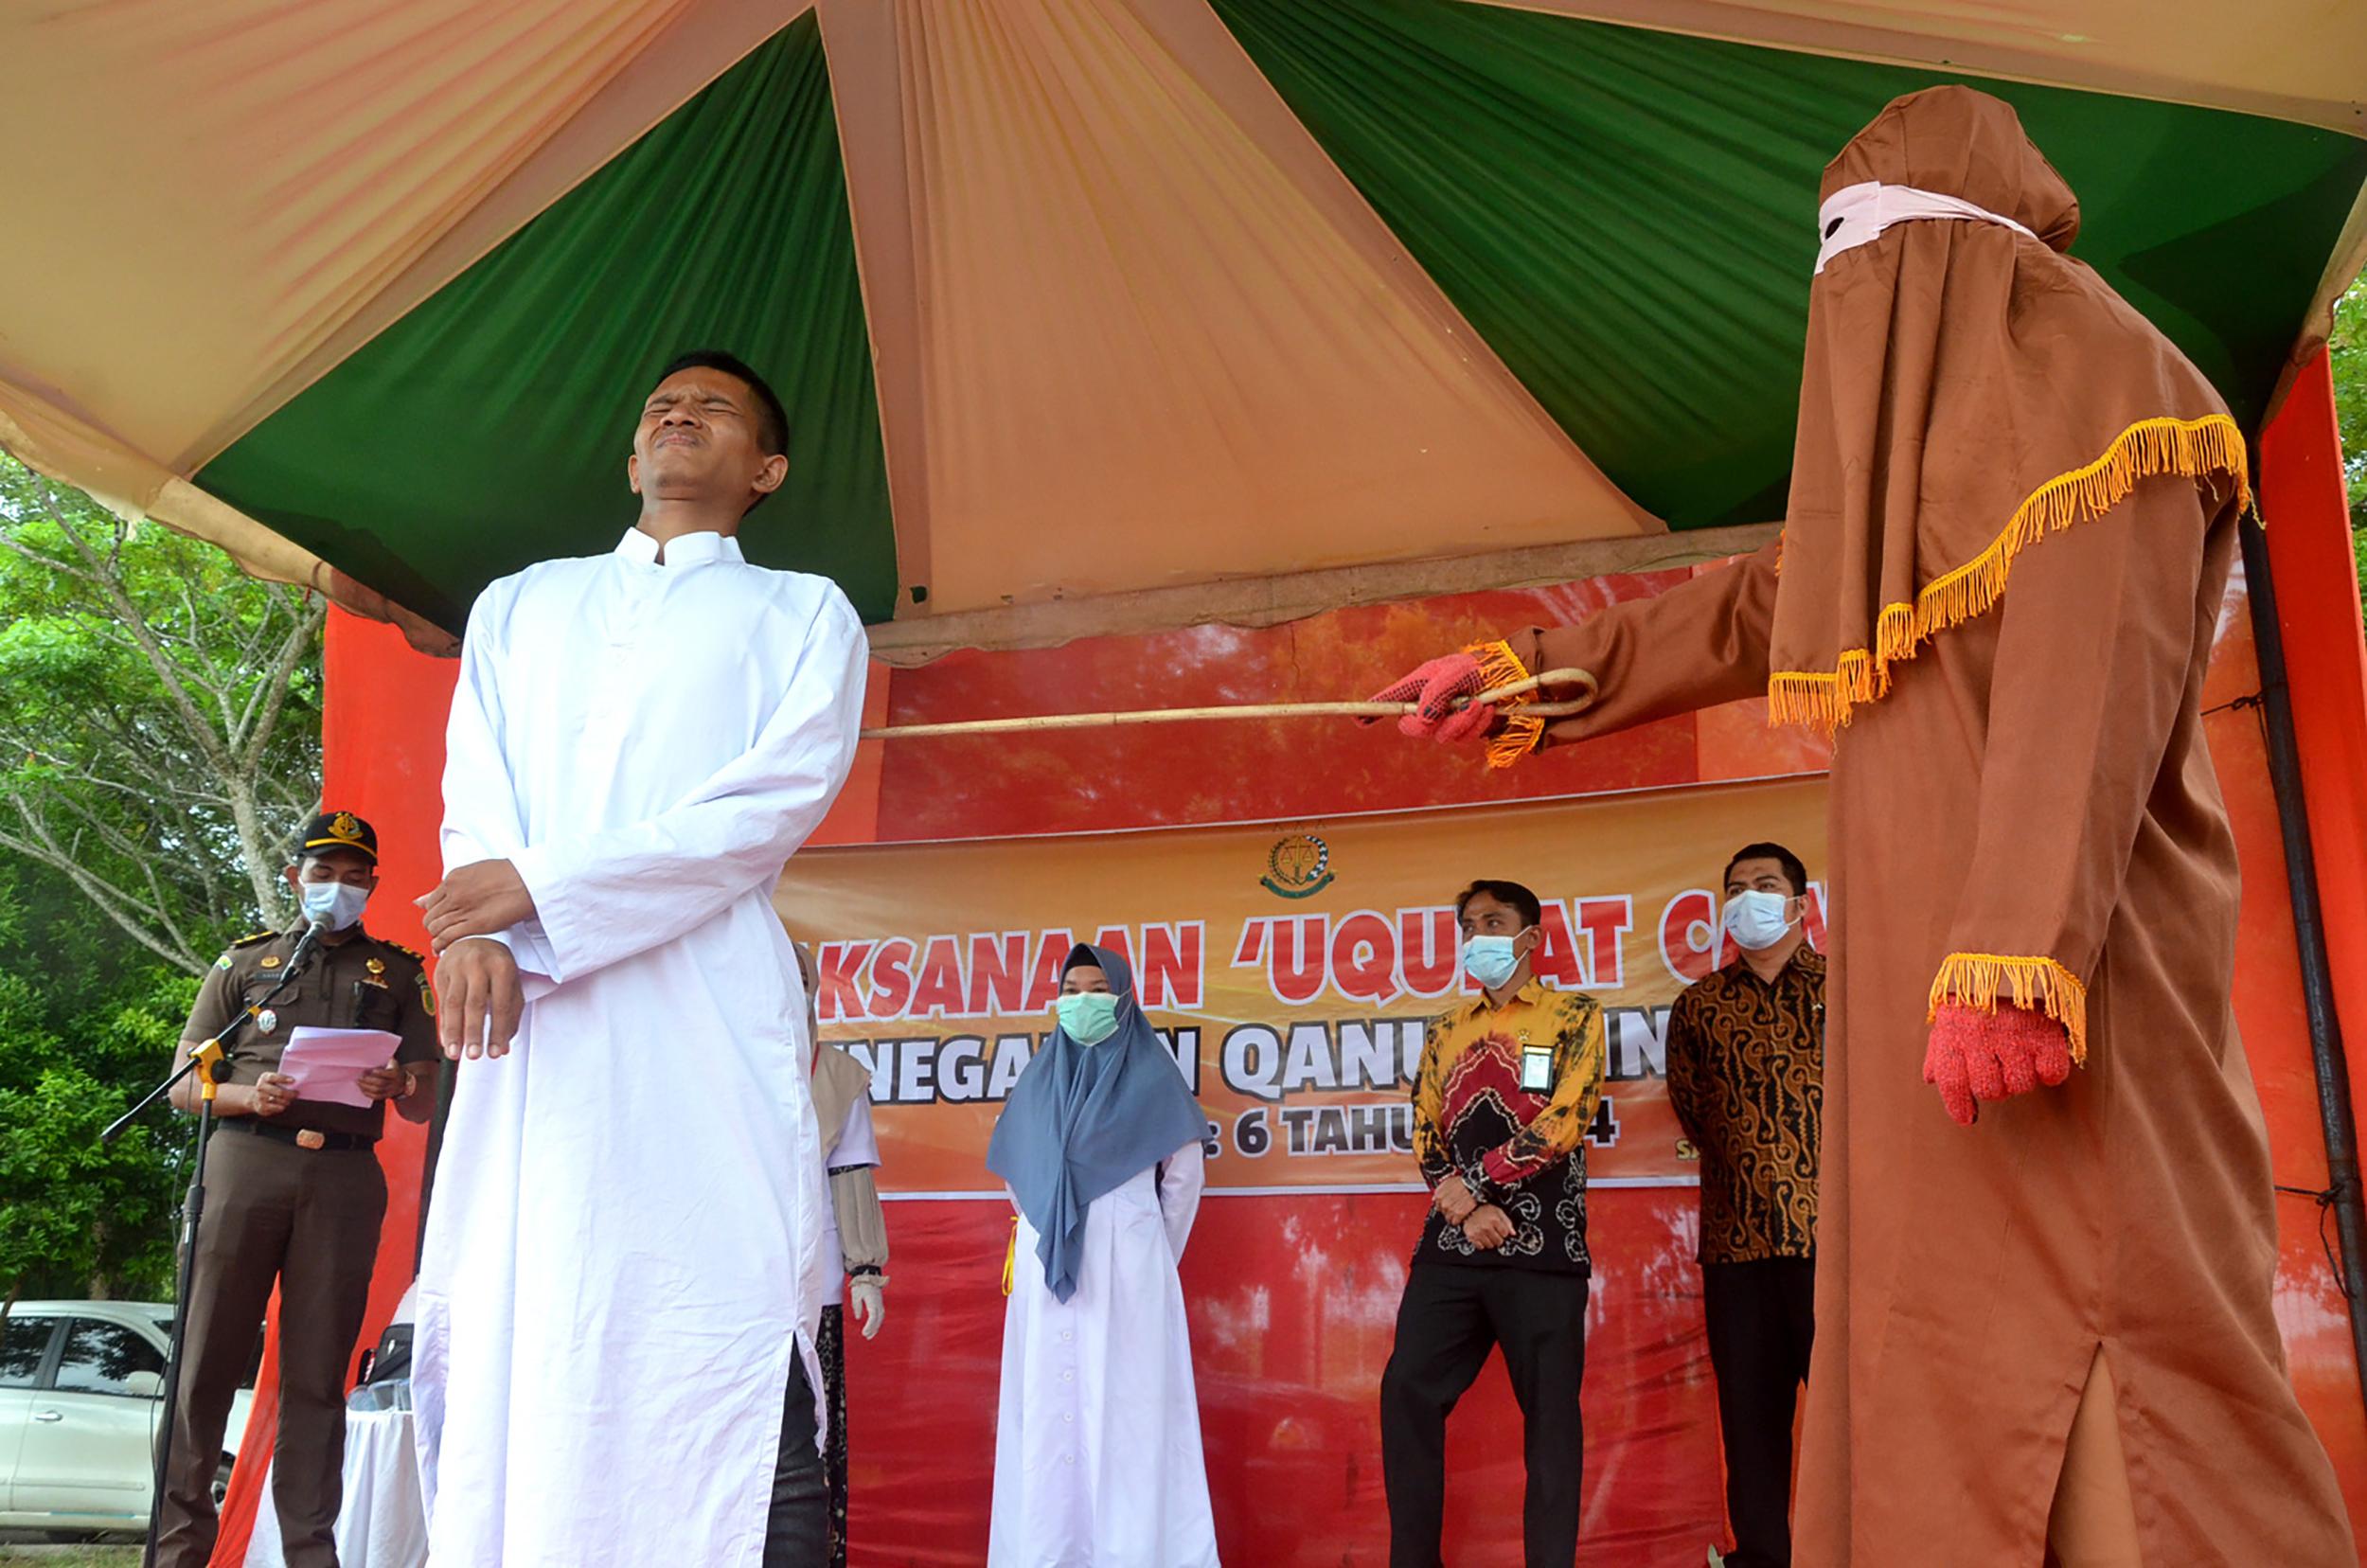 Un bărbat din Indonezia, care a violat un copil, a fost biciuit în public de 146 de ori